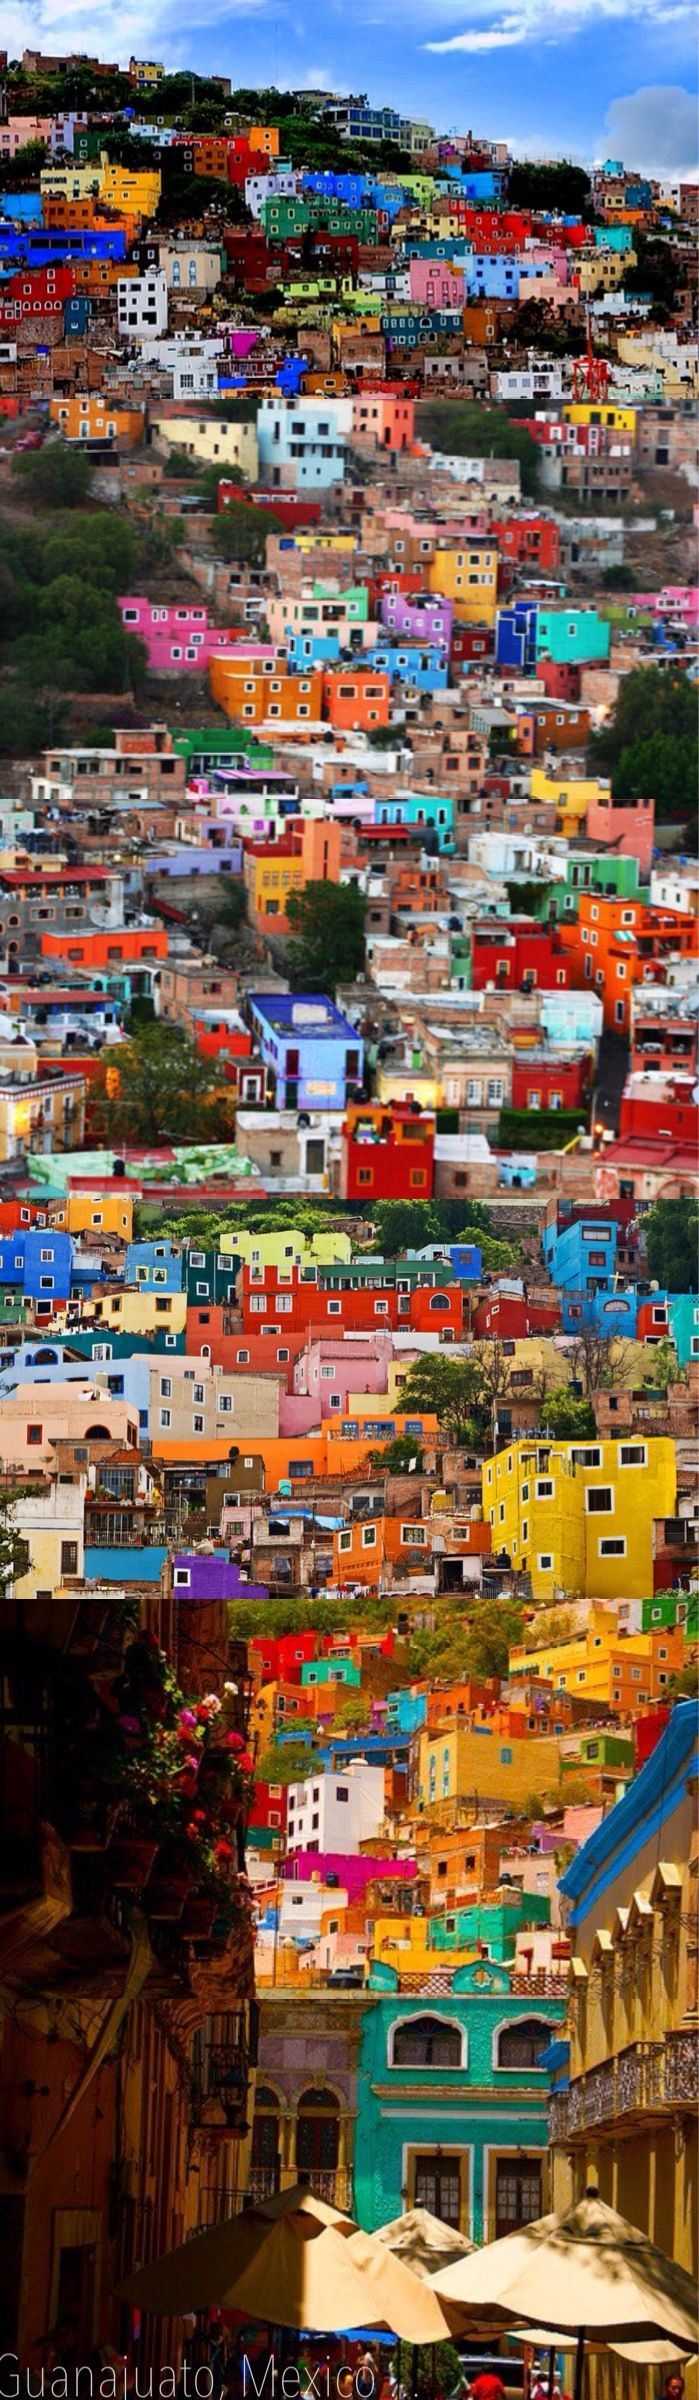 Ciudad de Guanajuato  Estado:Guanajuato, México.